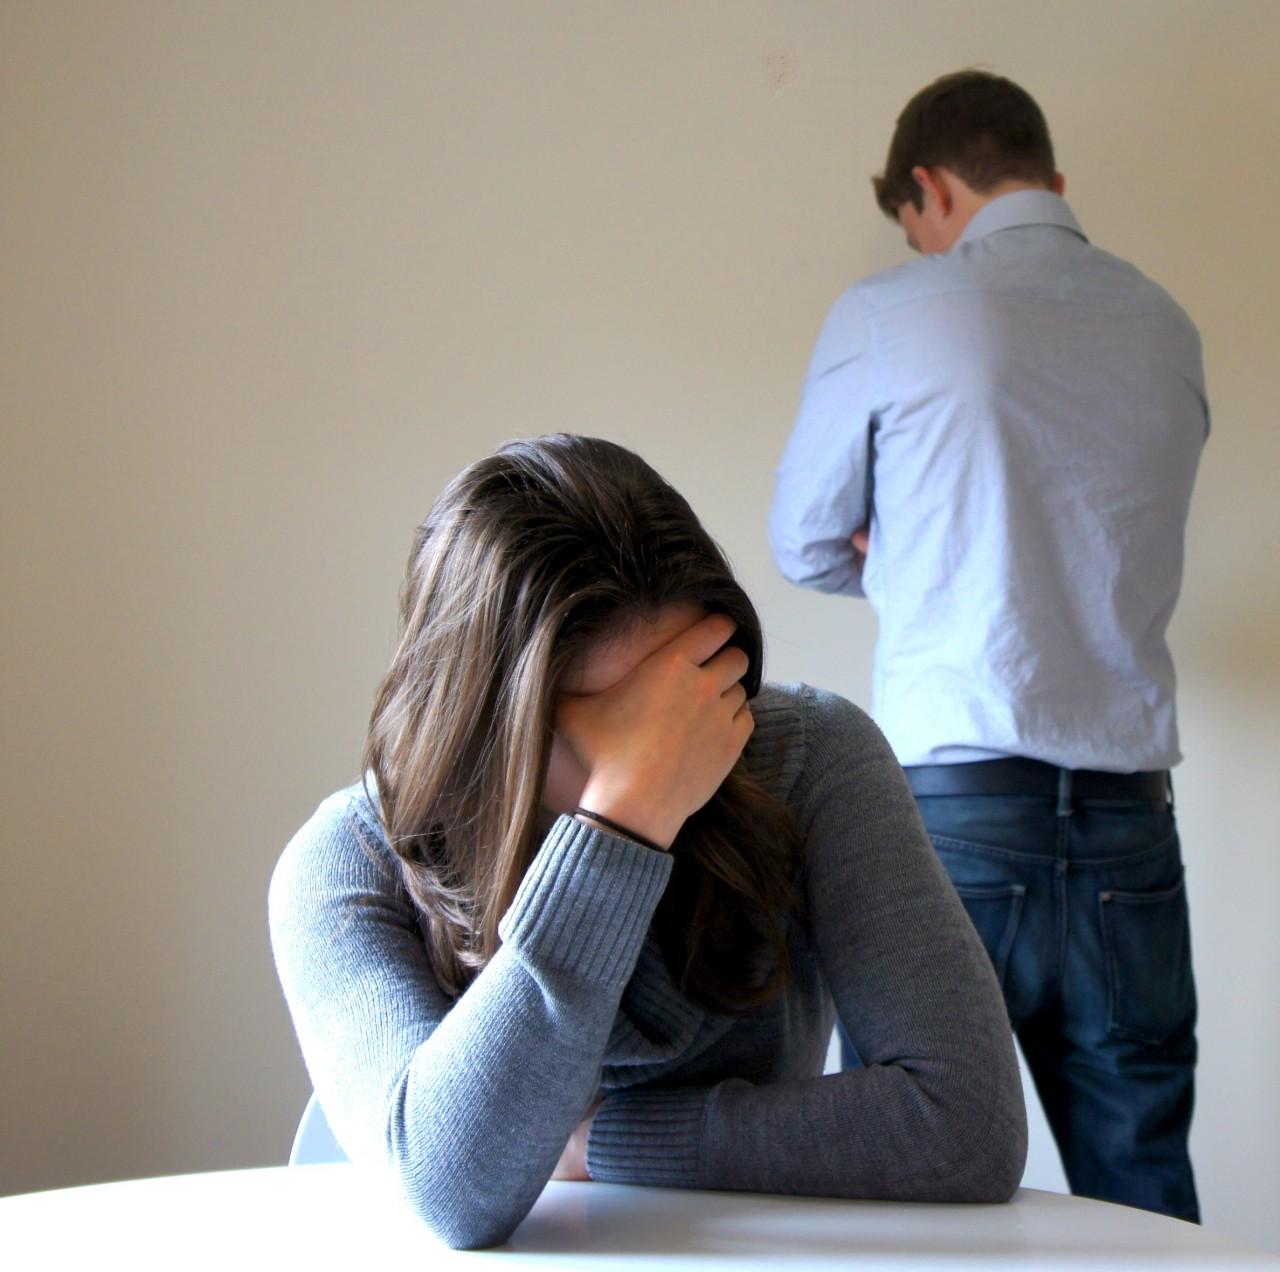 Муж сделал сюрприз на майских - подал на развод, без видимой причины... А у нас двое детей...